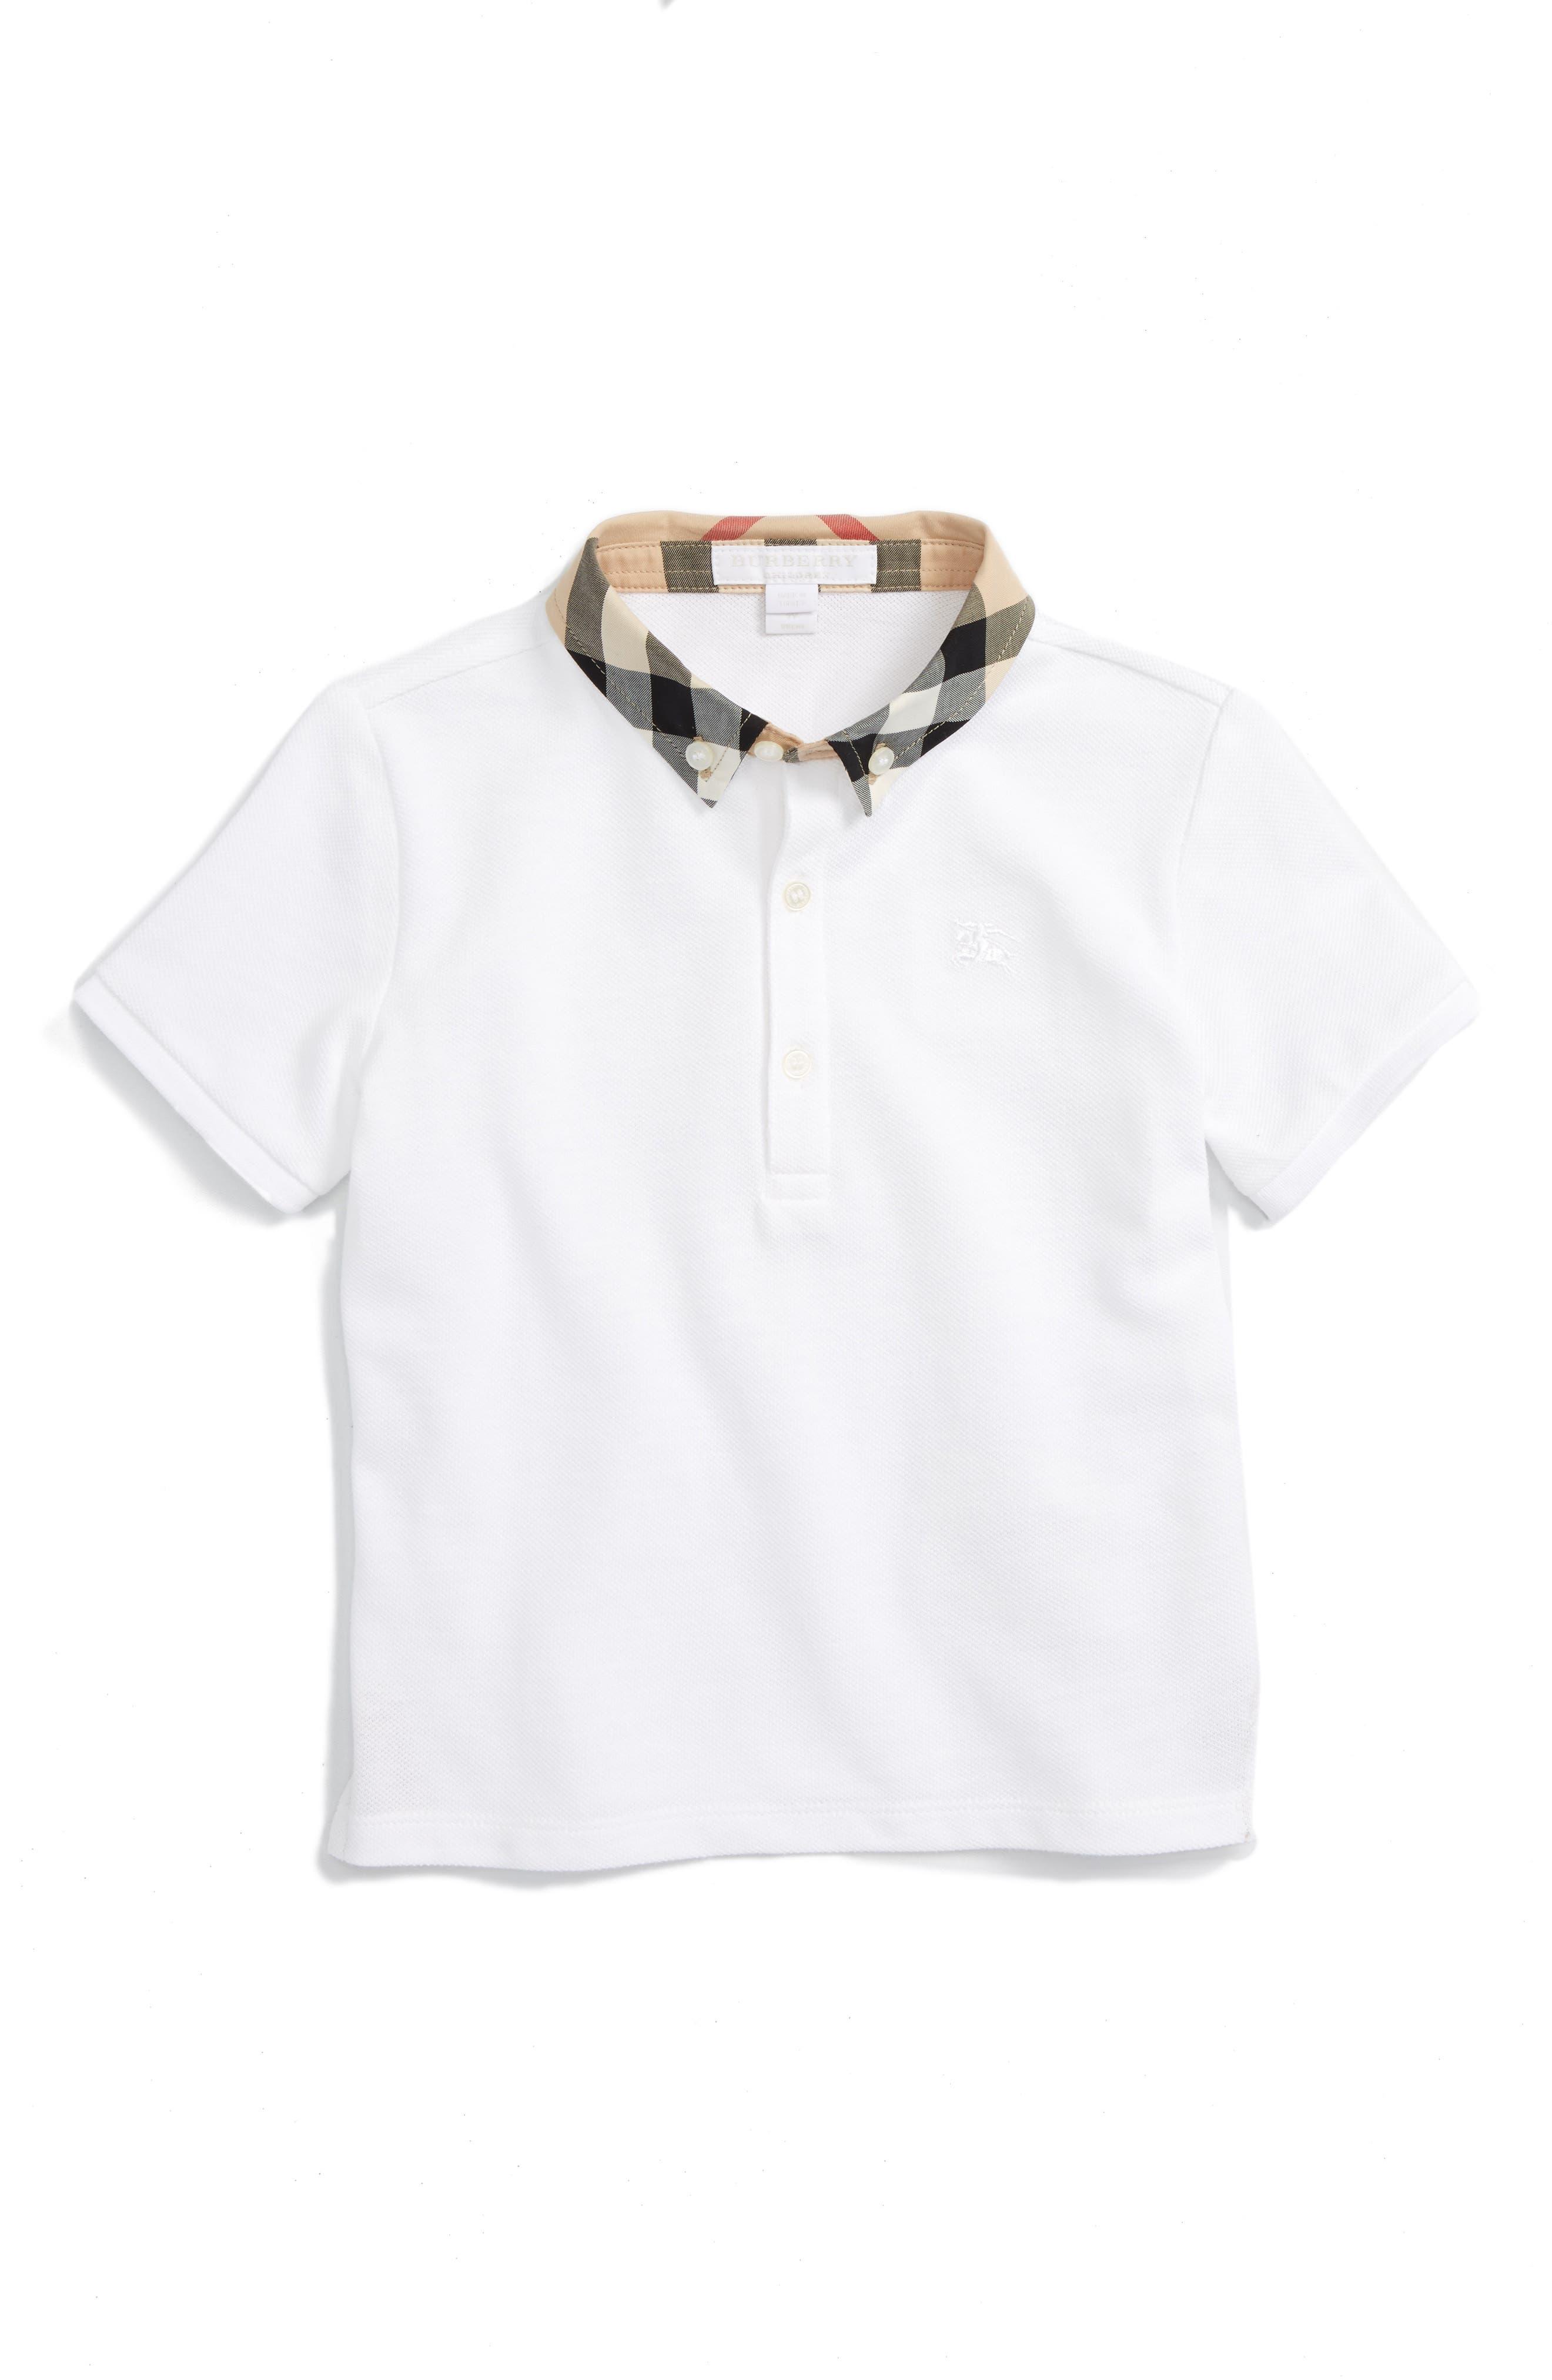 Toddler Boys Burberry Mini William Polo Size 2Y  White